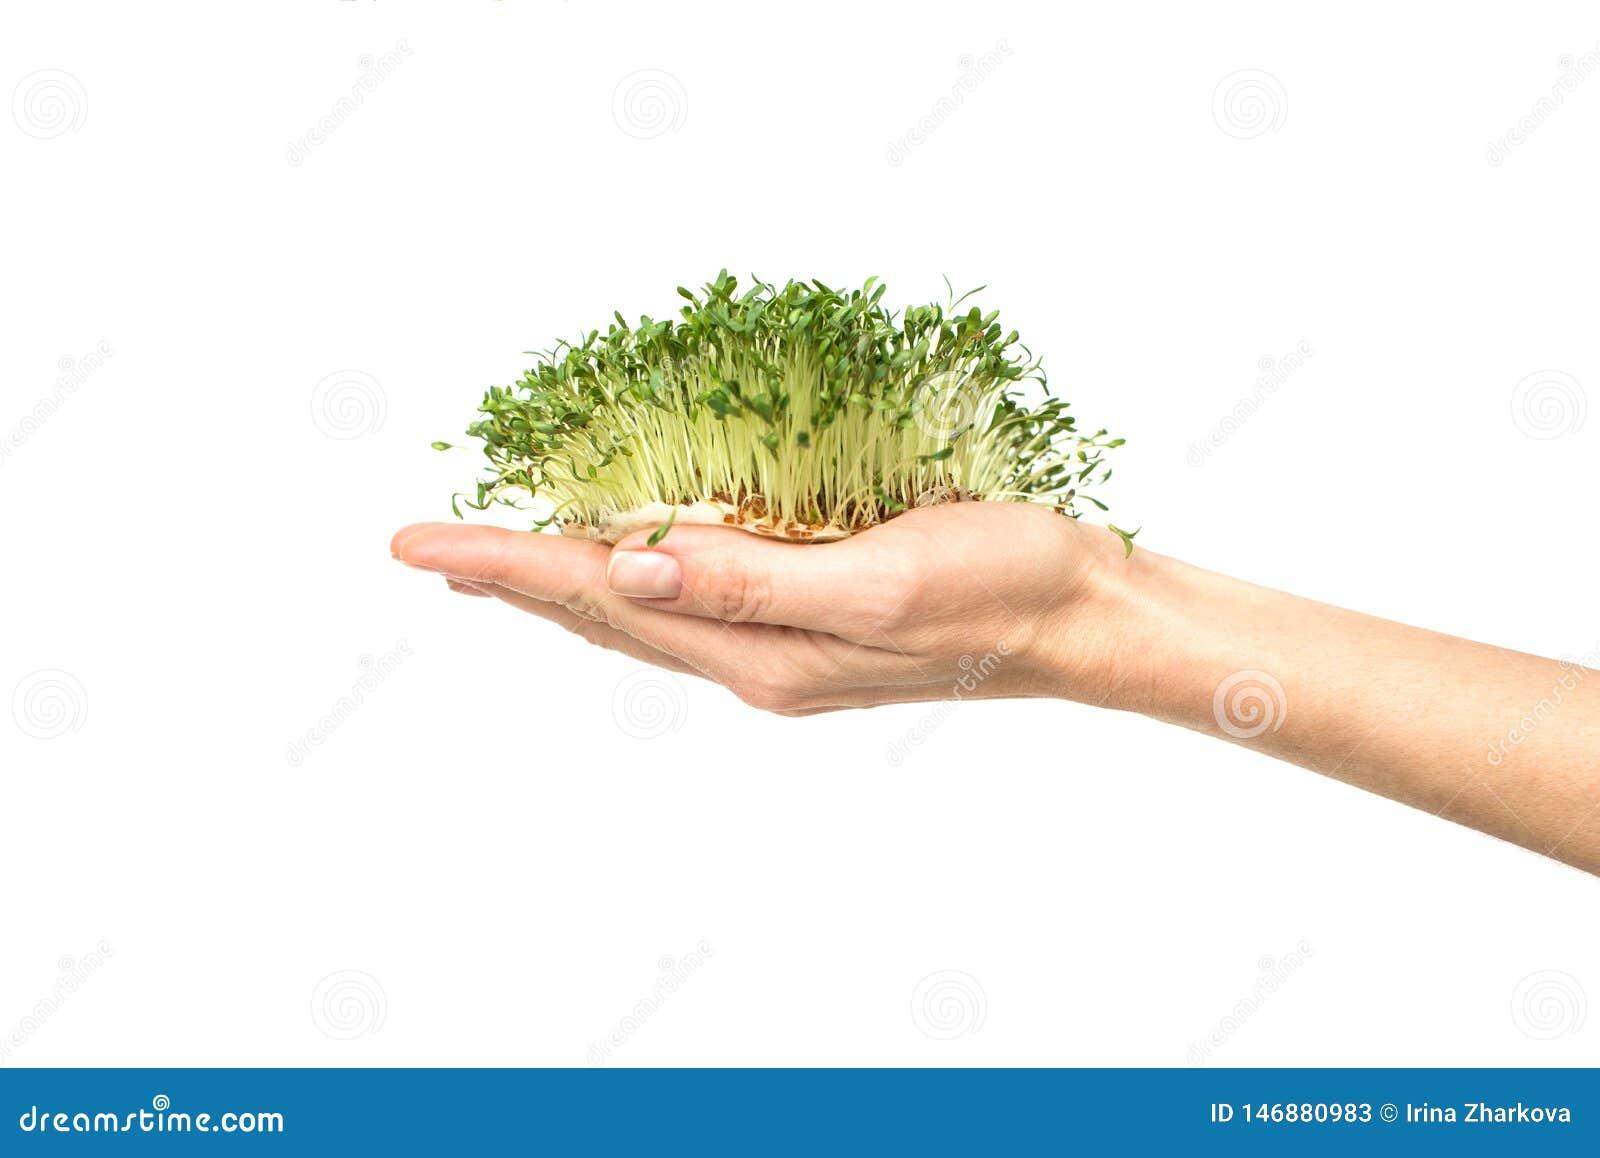 Plantas verdes a disposición, semillas germinadas de la lechuga del berro en la palma en un blanco